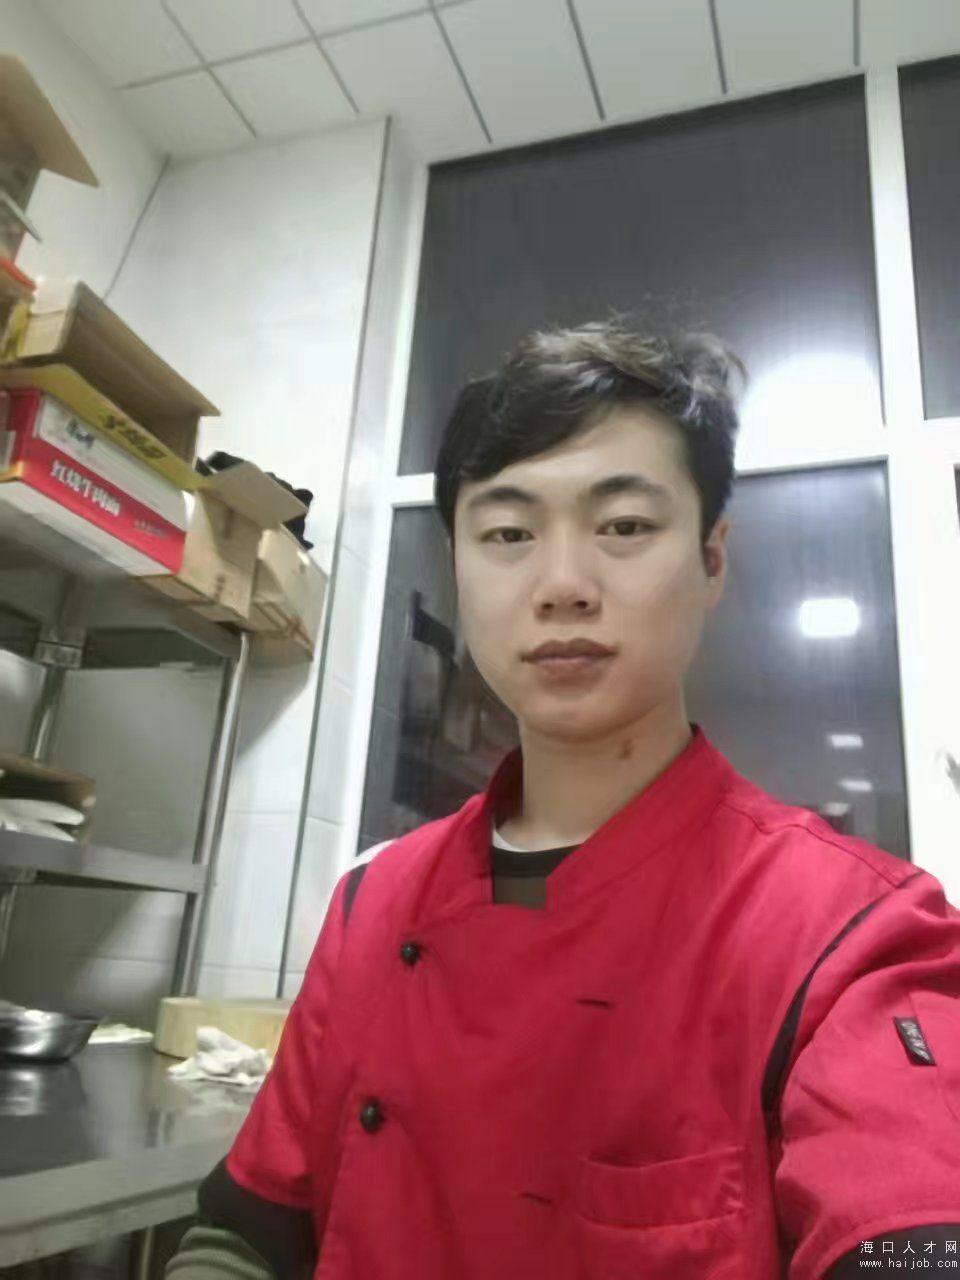 刘站柱简历照片